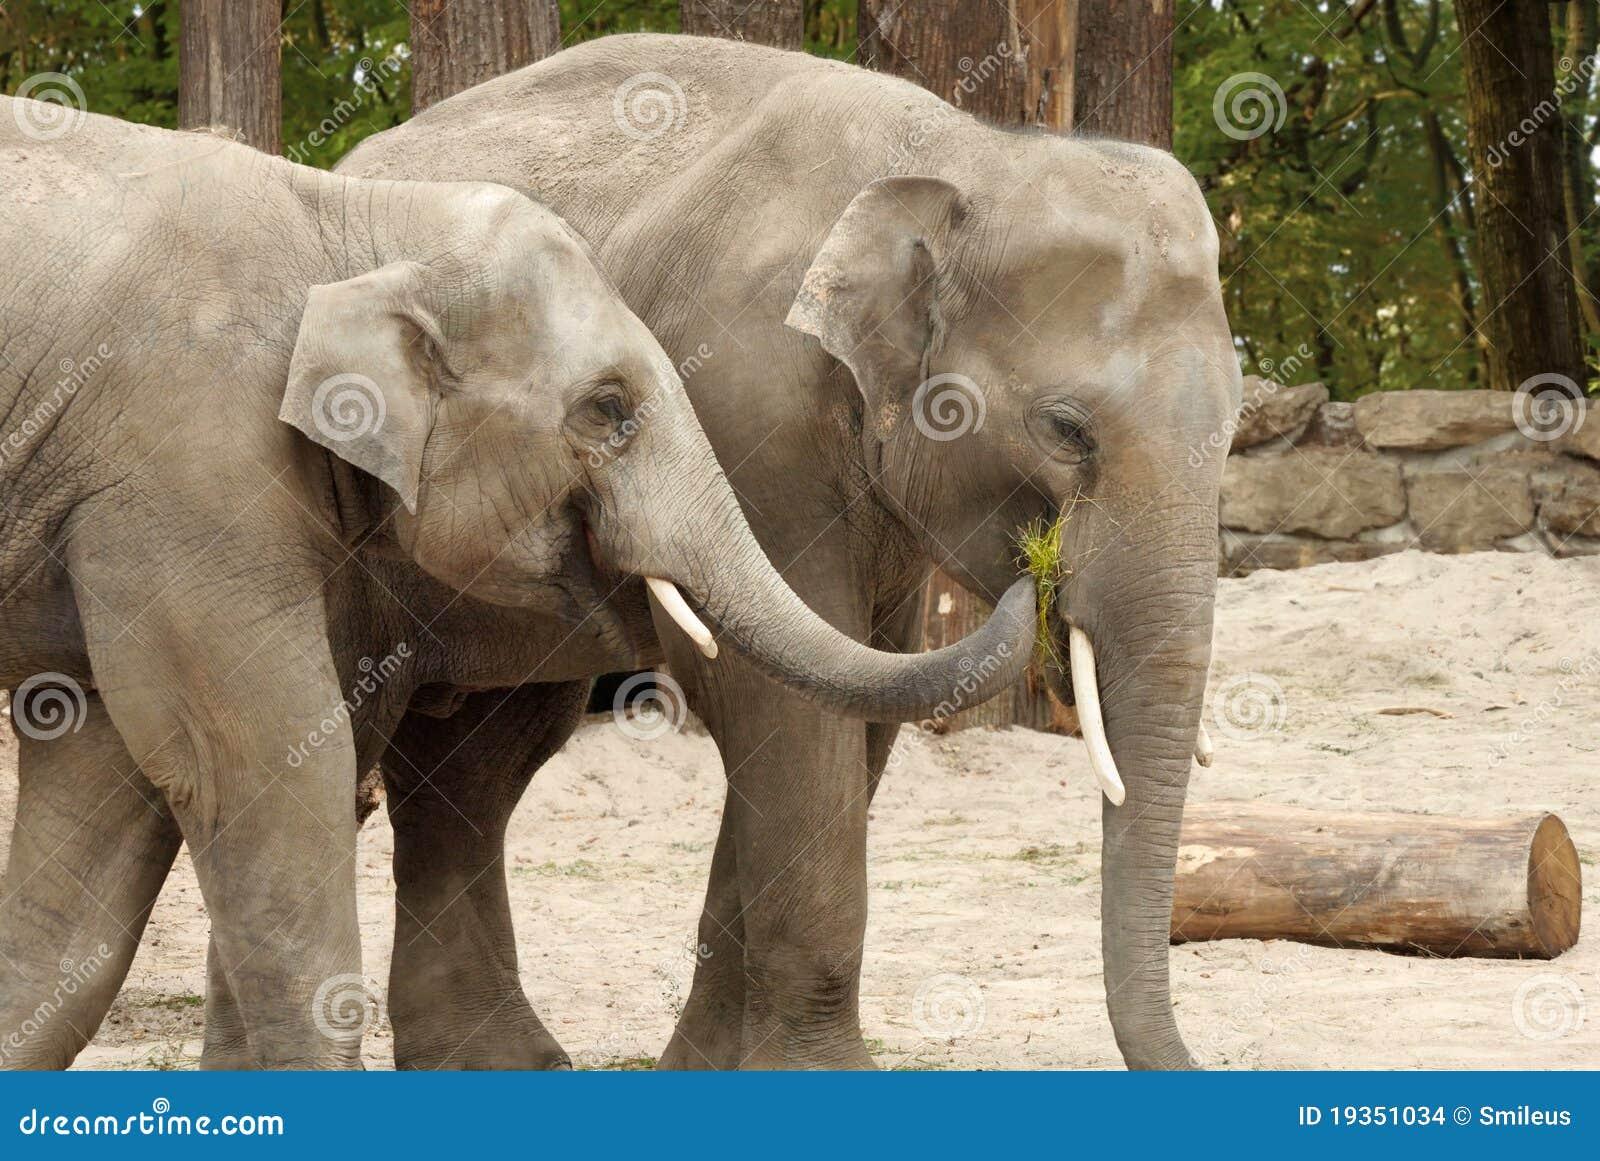 Um elefante que alimenta o outro